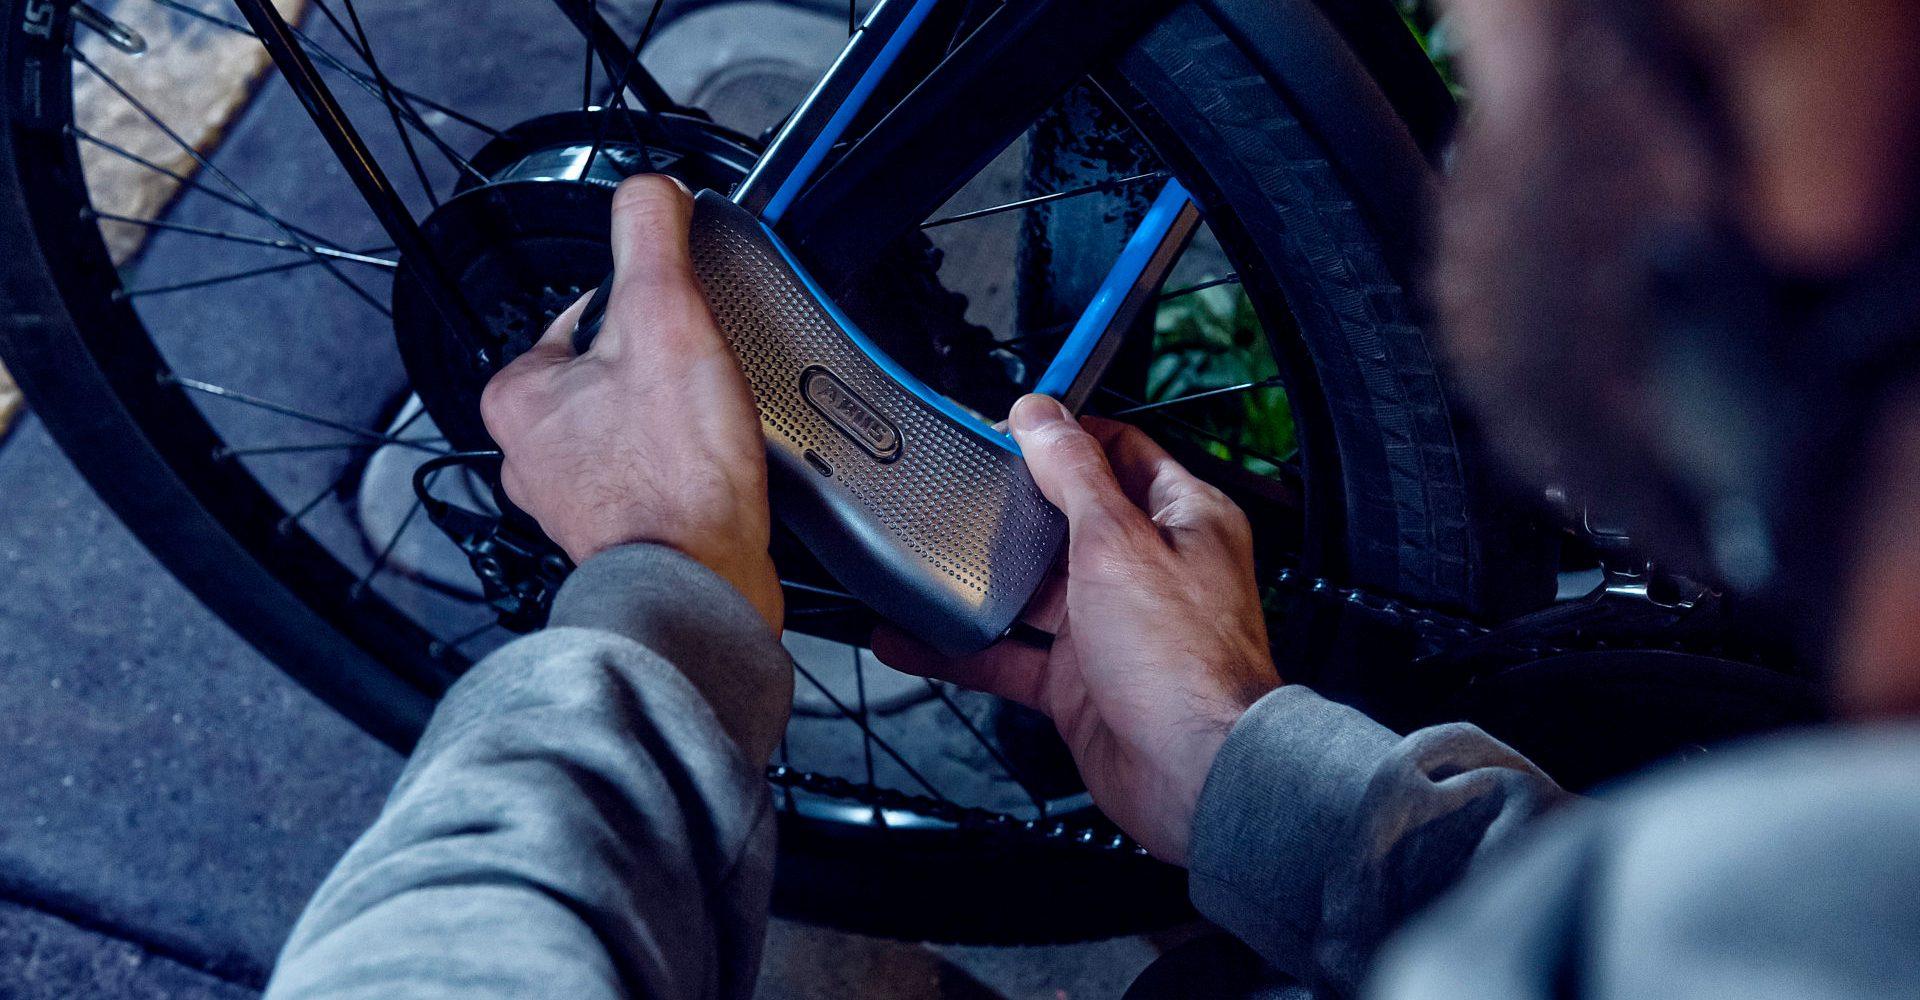 [Test] ABUS 770A SmartX, l'antivol vélo U connecté